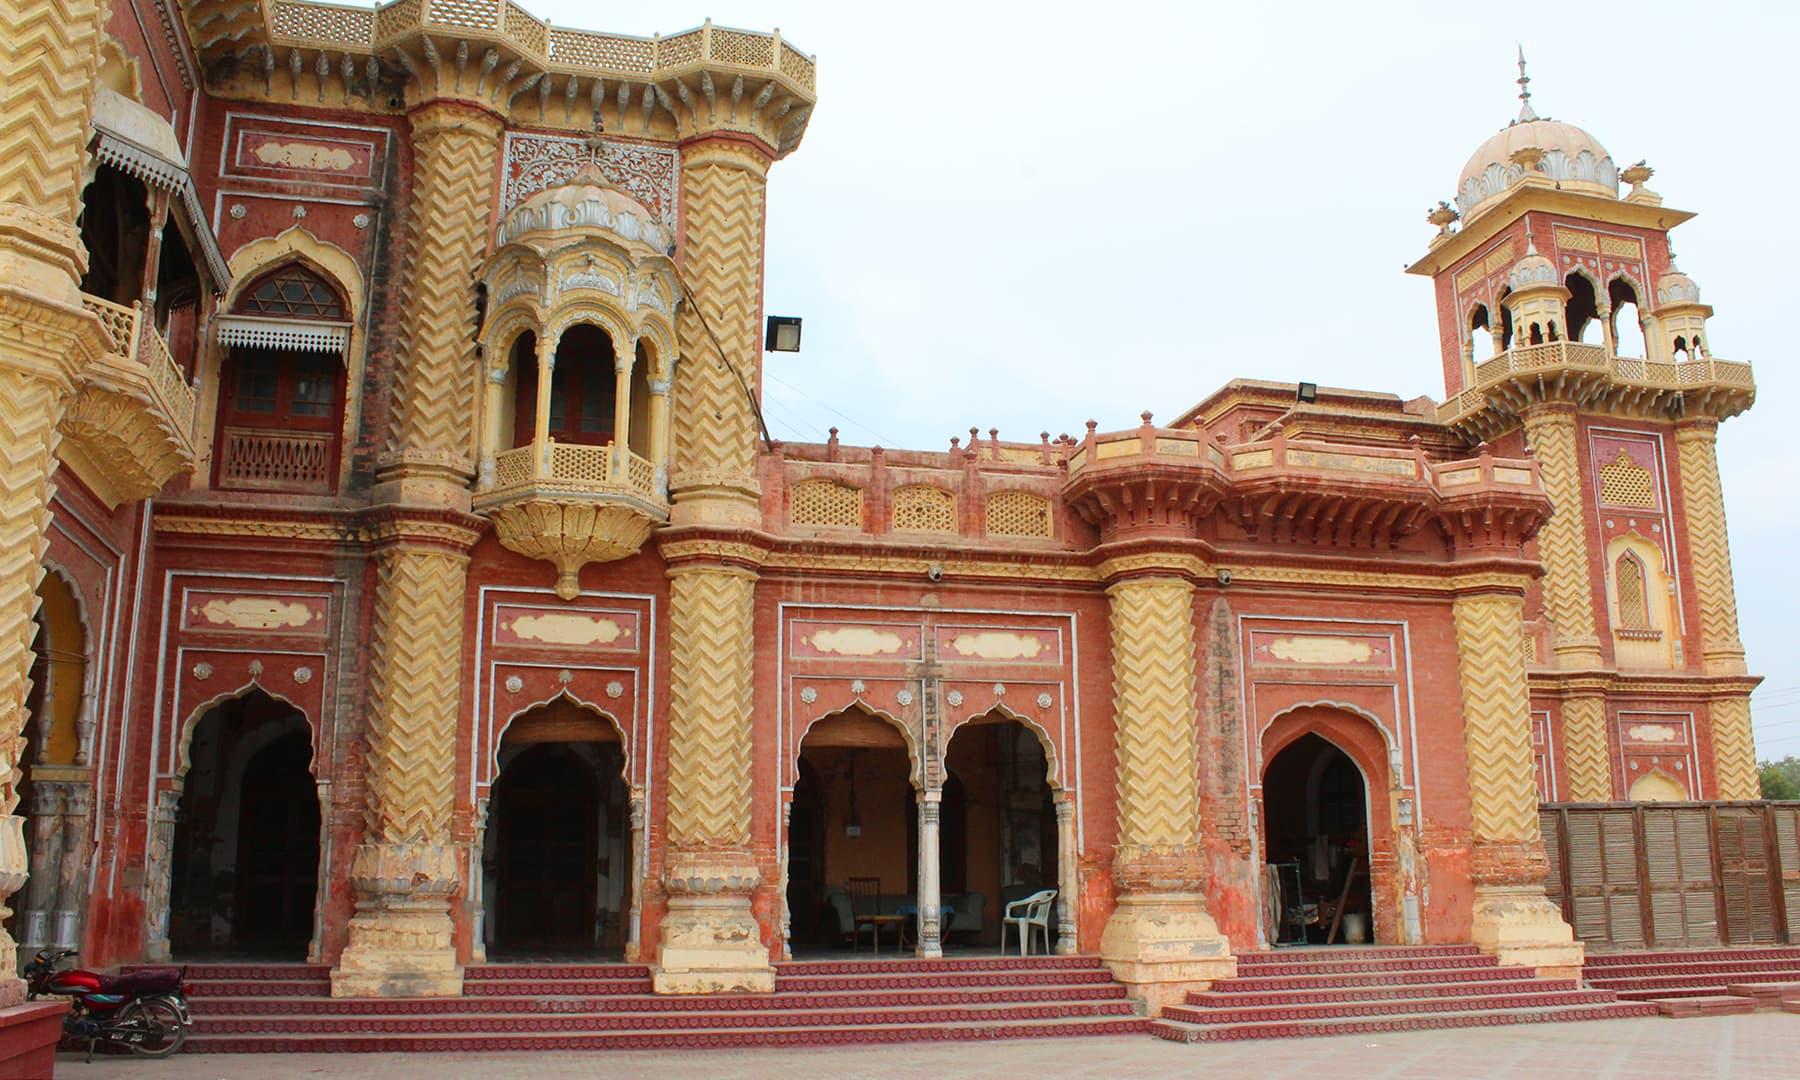 خیرپور میں واقع فیض محل—تصویر اختر حفیظ